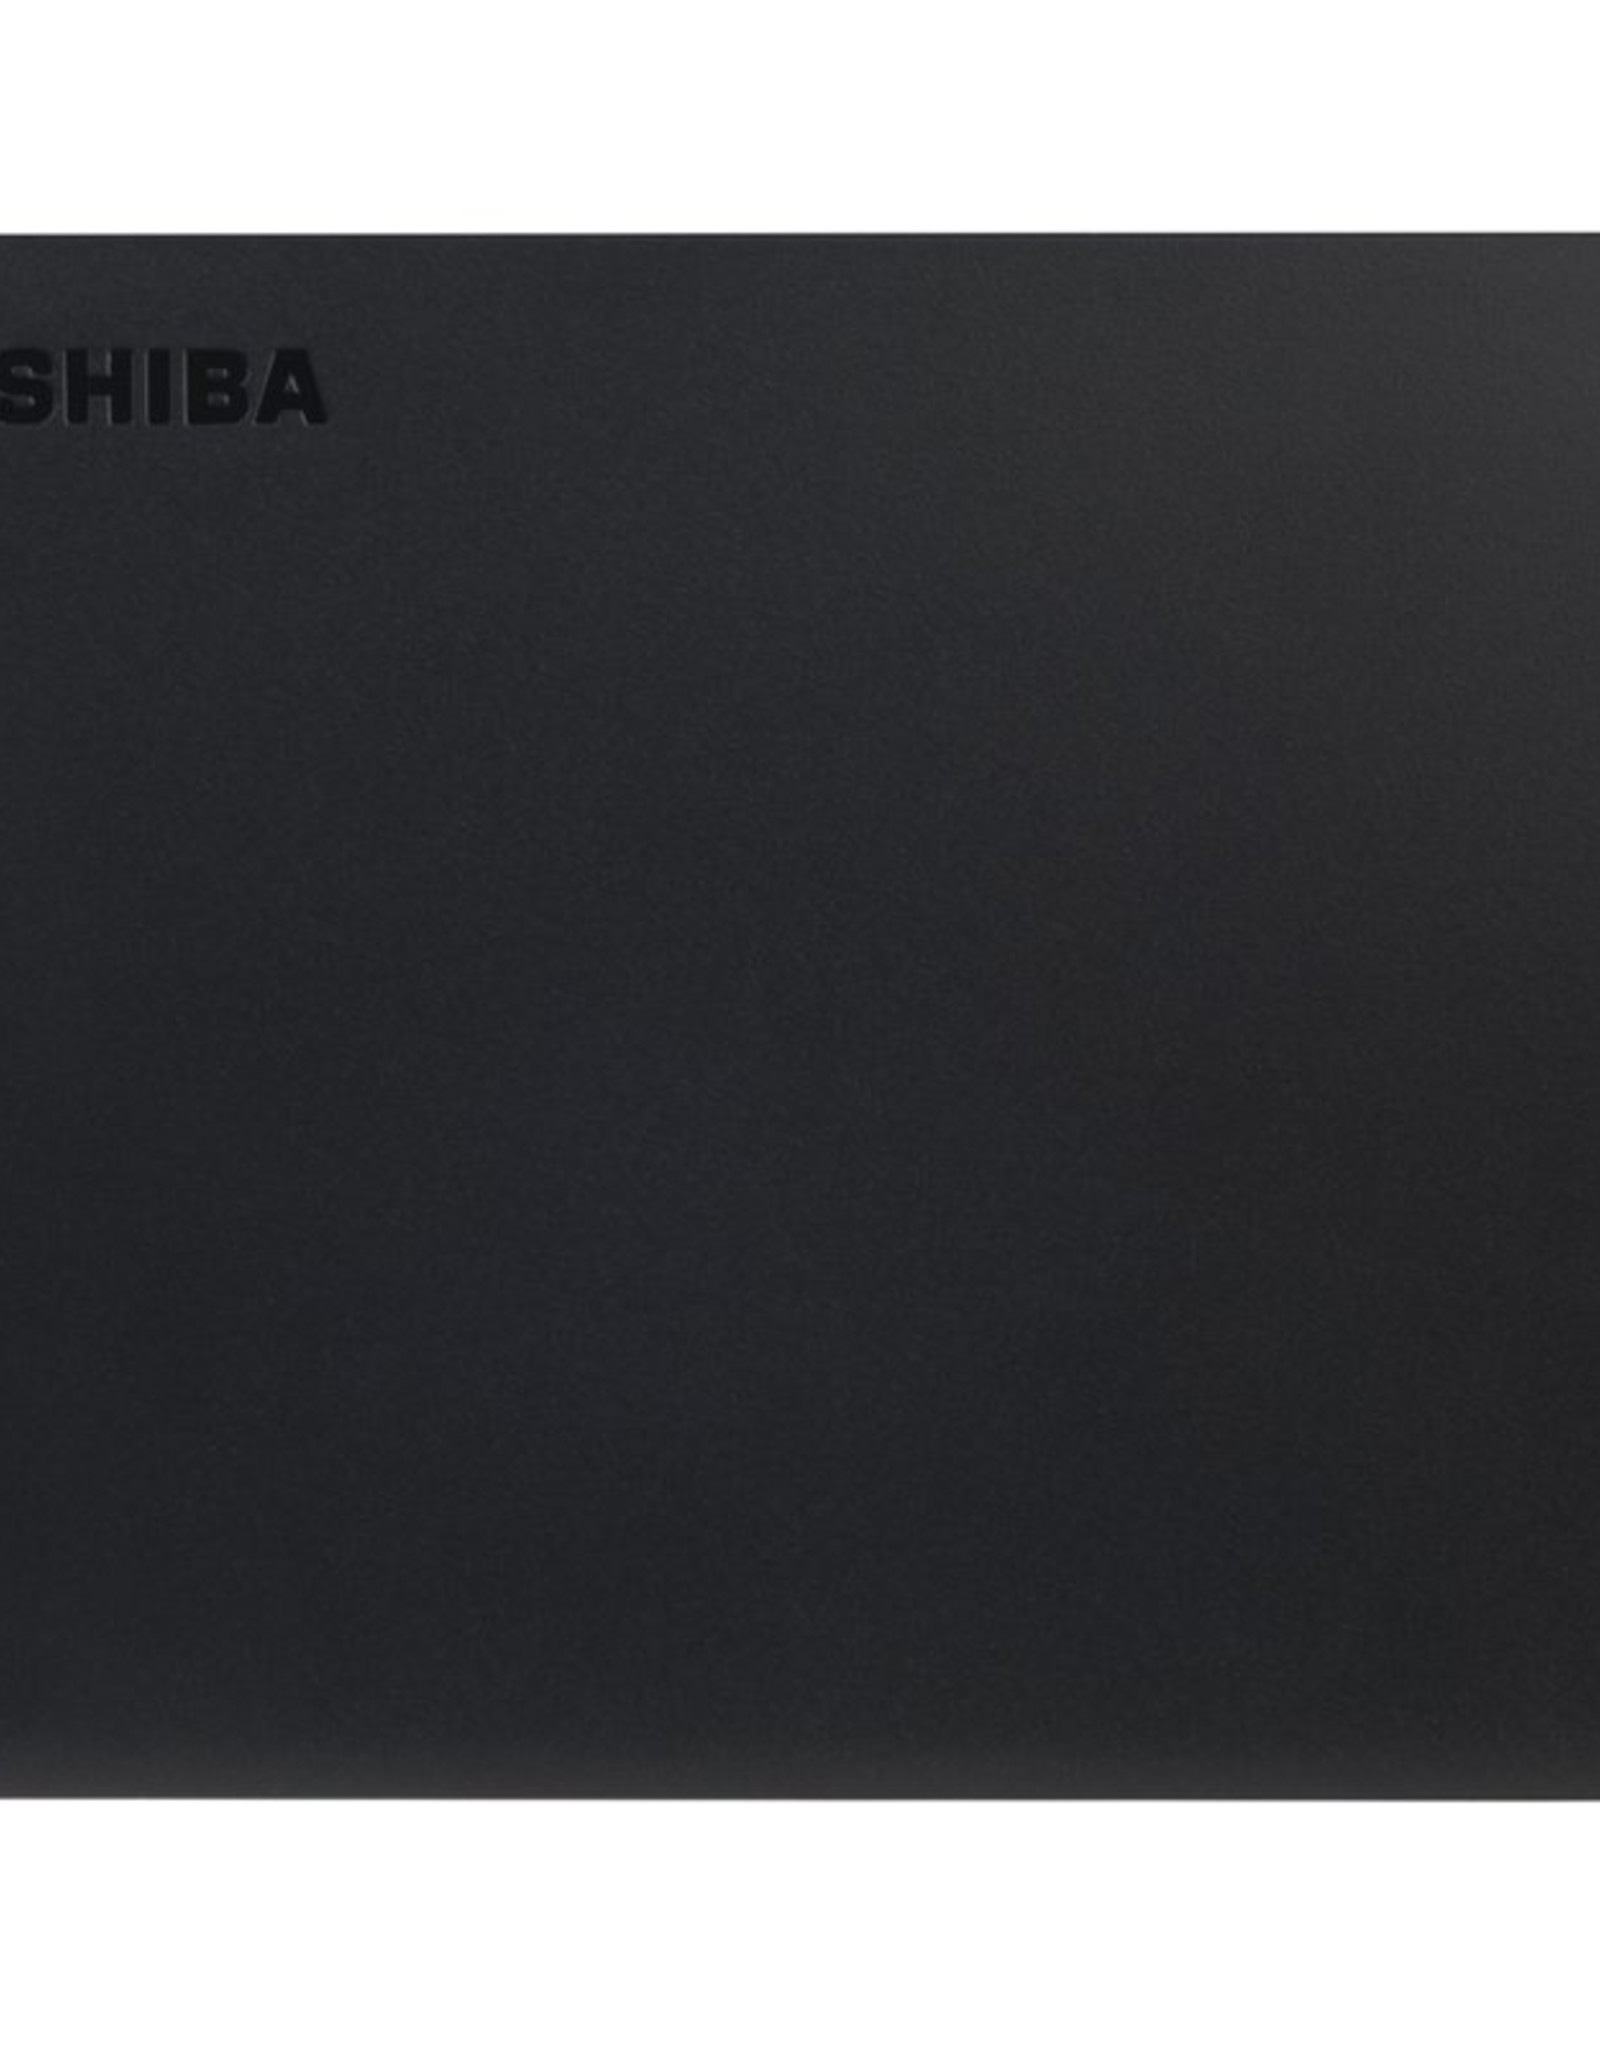 HDD ext.  Canvio Basics 2TB / USB3.0 / 2.5Inch